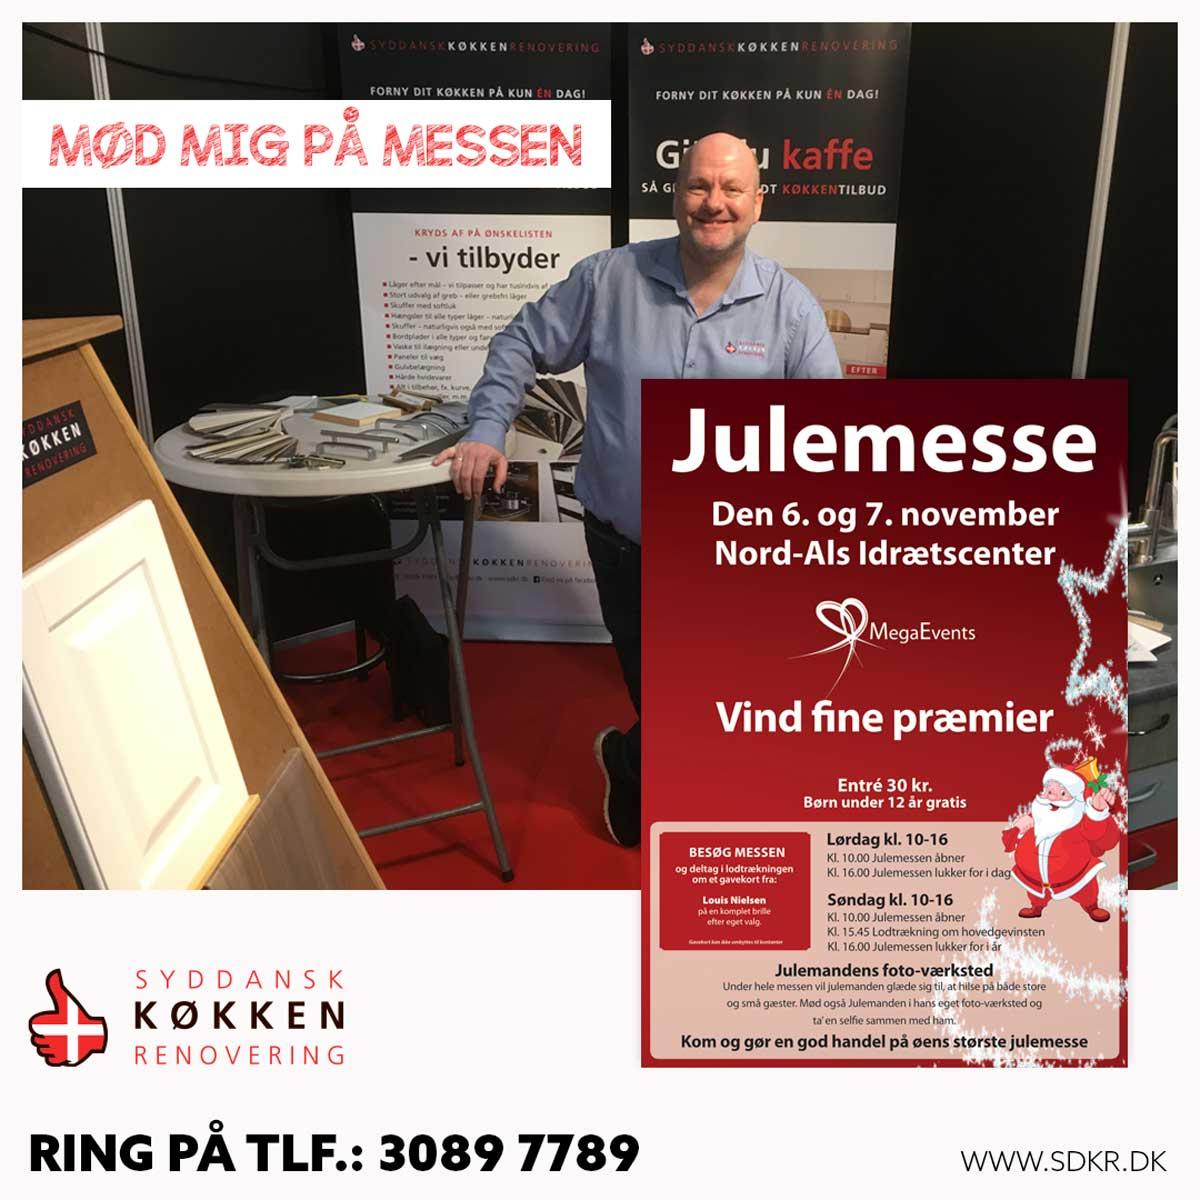 julemesse_nordals_6-7-november-2021_sdkr